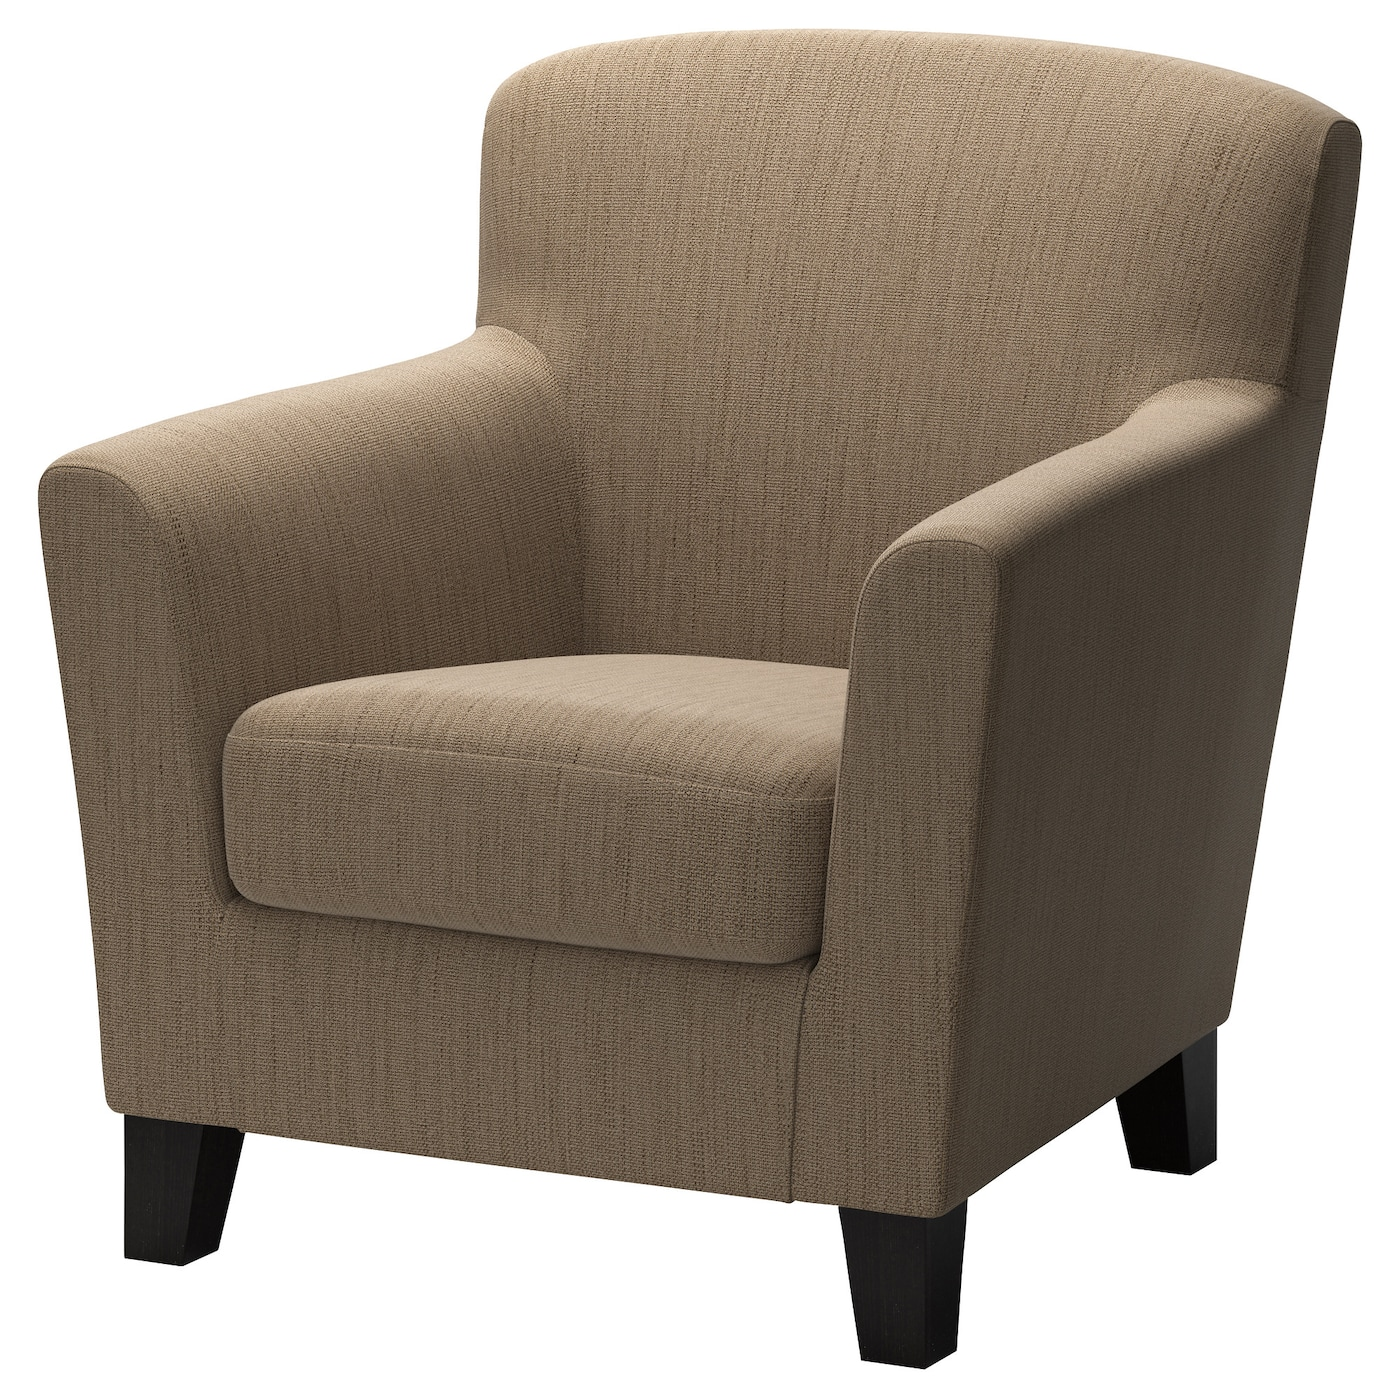 Eken 196 S Armchair Hensta Light Brown Ikea